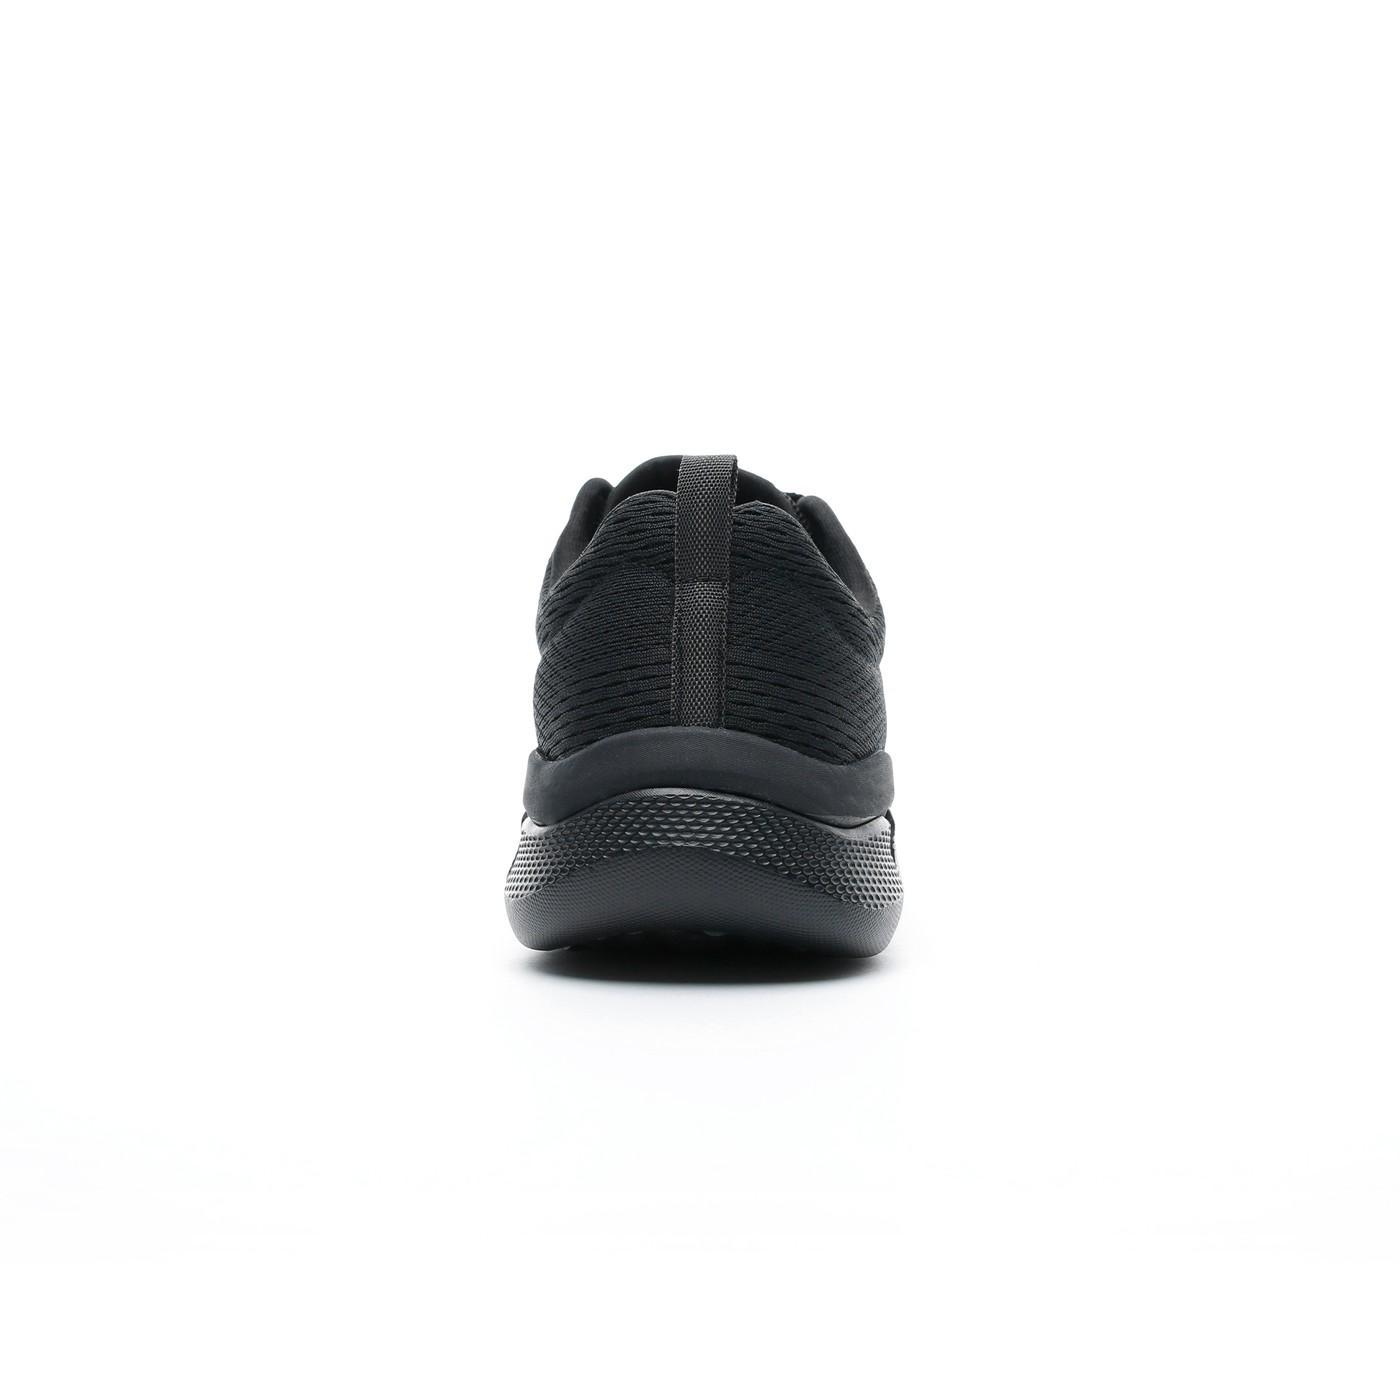 Skechers Skech Flex 3.0 - Verko Erkek Siyah Spor Ayakkabı